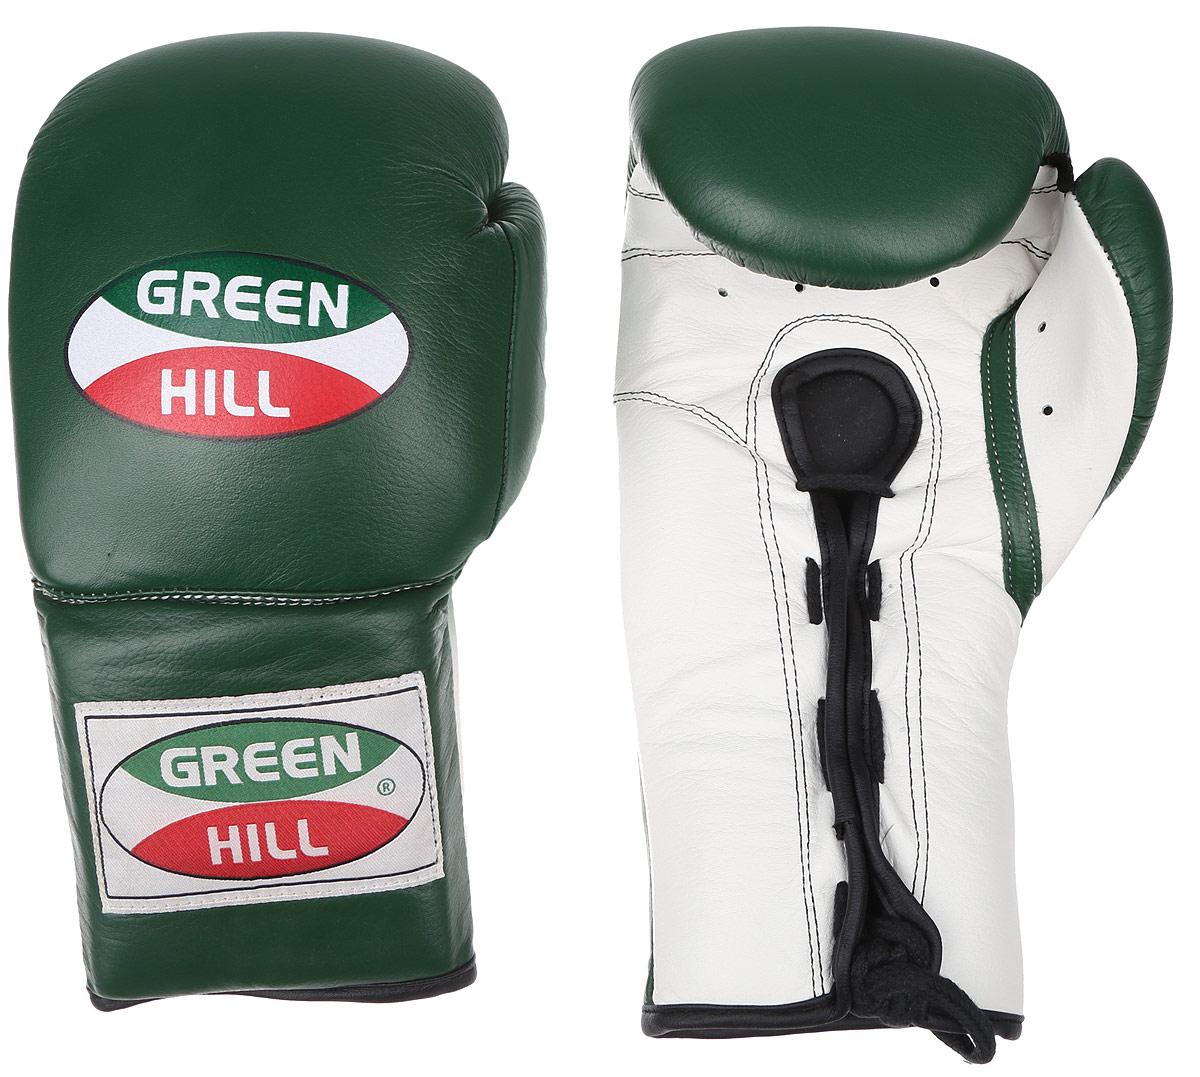 Перчатки боксерские Green Hill Proffi, цвет: зеленый, белый. Вес 14 унций. BGP-2014PG-2047Боксерские перчатки Green Hill Proffi предназначены для использования профессионалами. Верх выполнен из натуральной кожи, наполнитель - из вспененного полимера. Отверстие в области ладони позволяет создать максимально комфортный терморежим во время занятий. Манжет на шнуровке способствует быстрому и удобному надеванию перчаток, плотно фиксирует перчатки на руке.